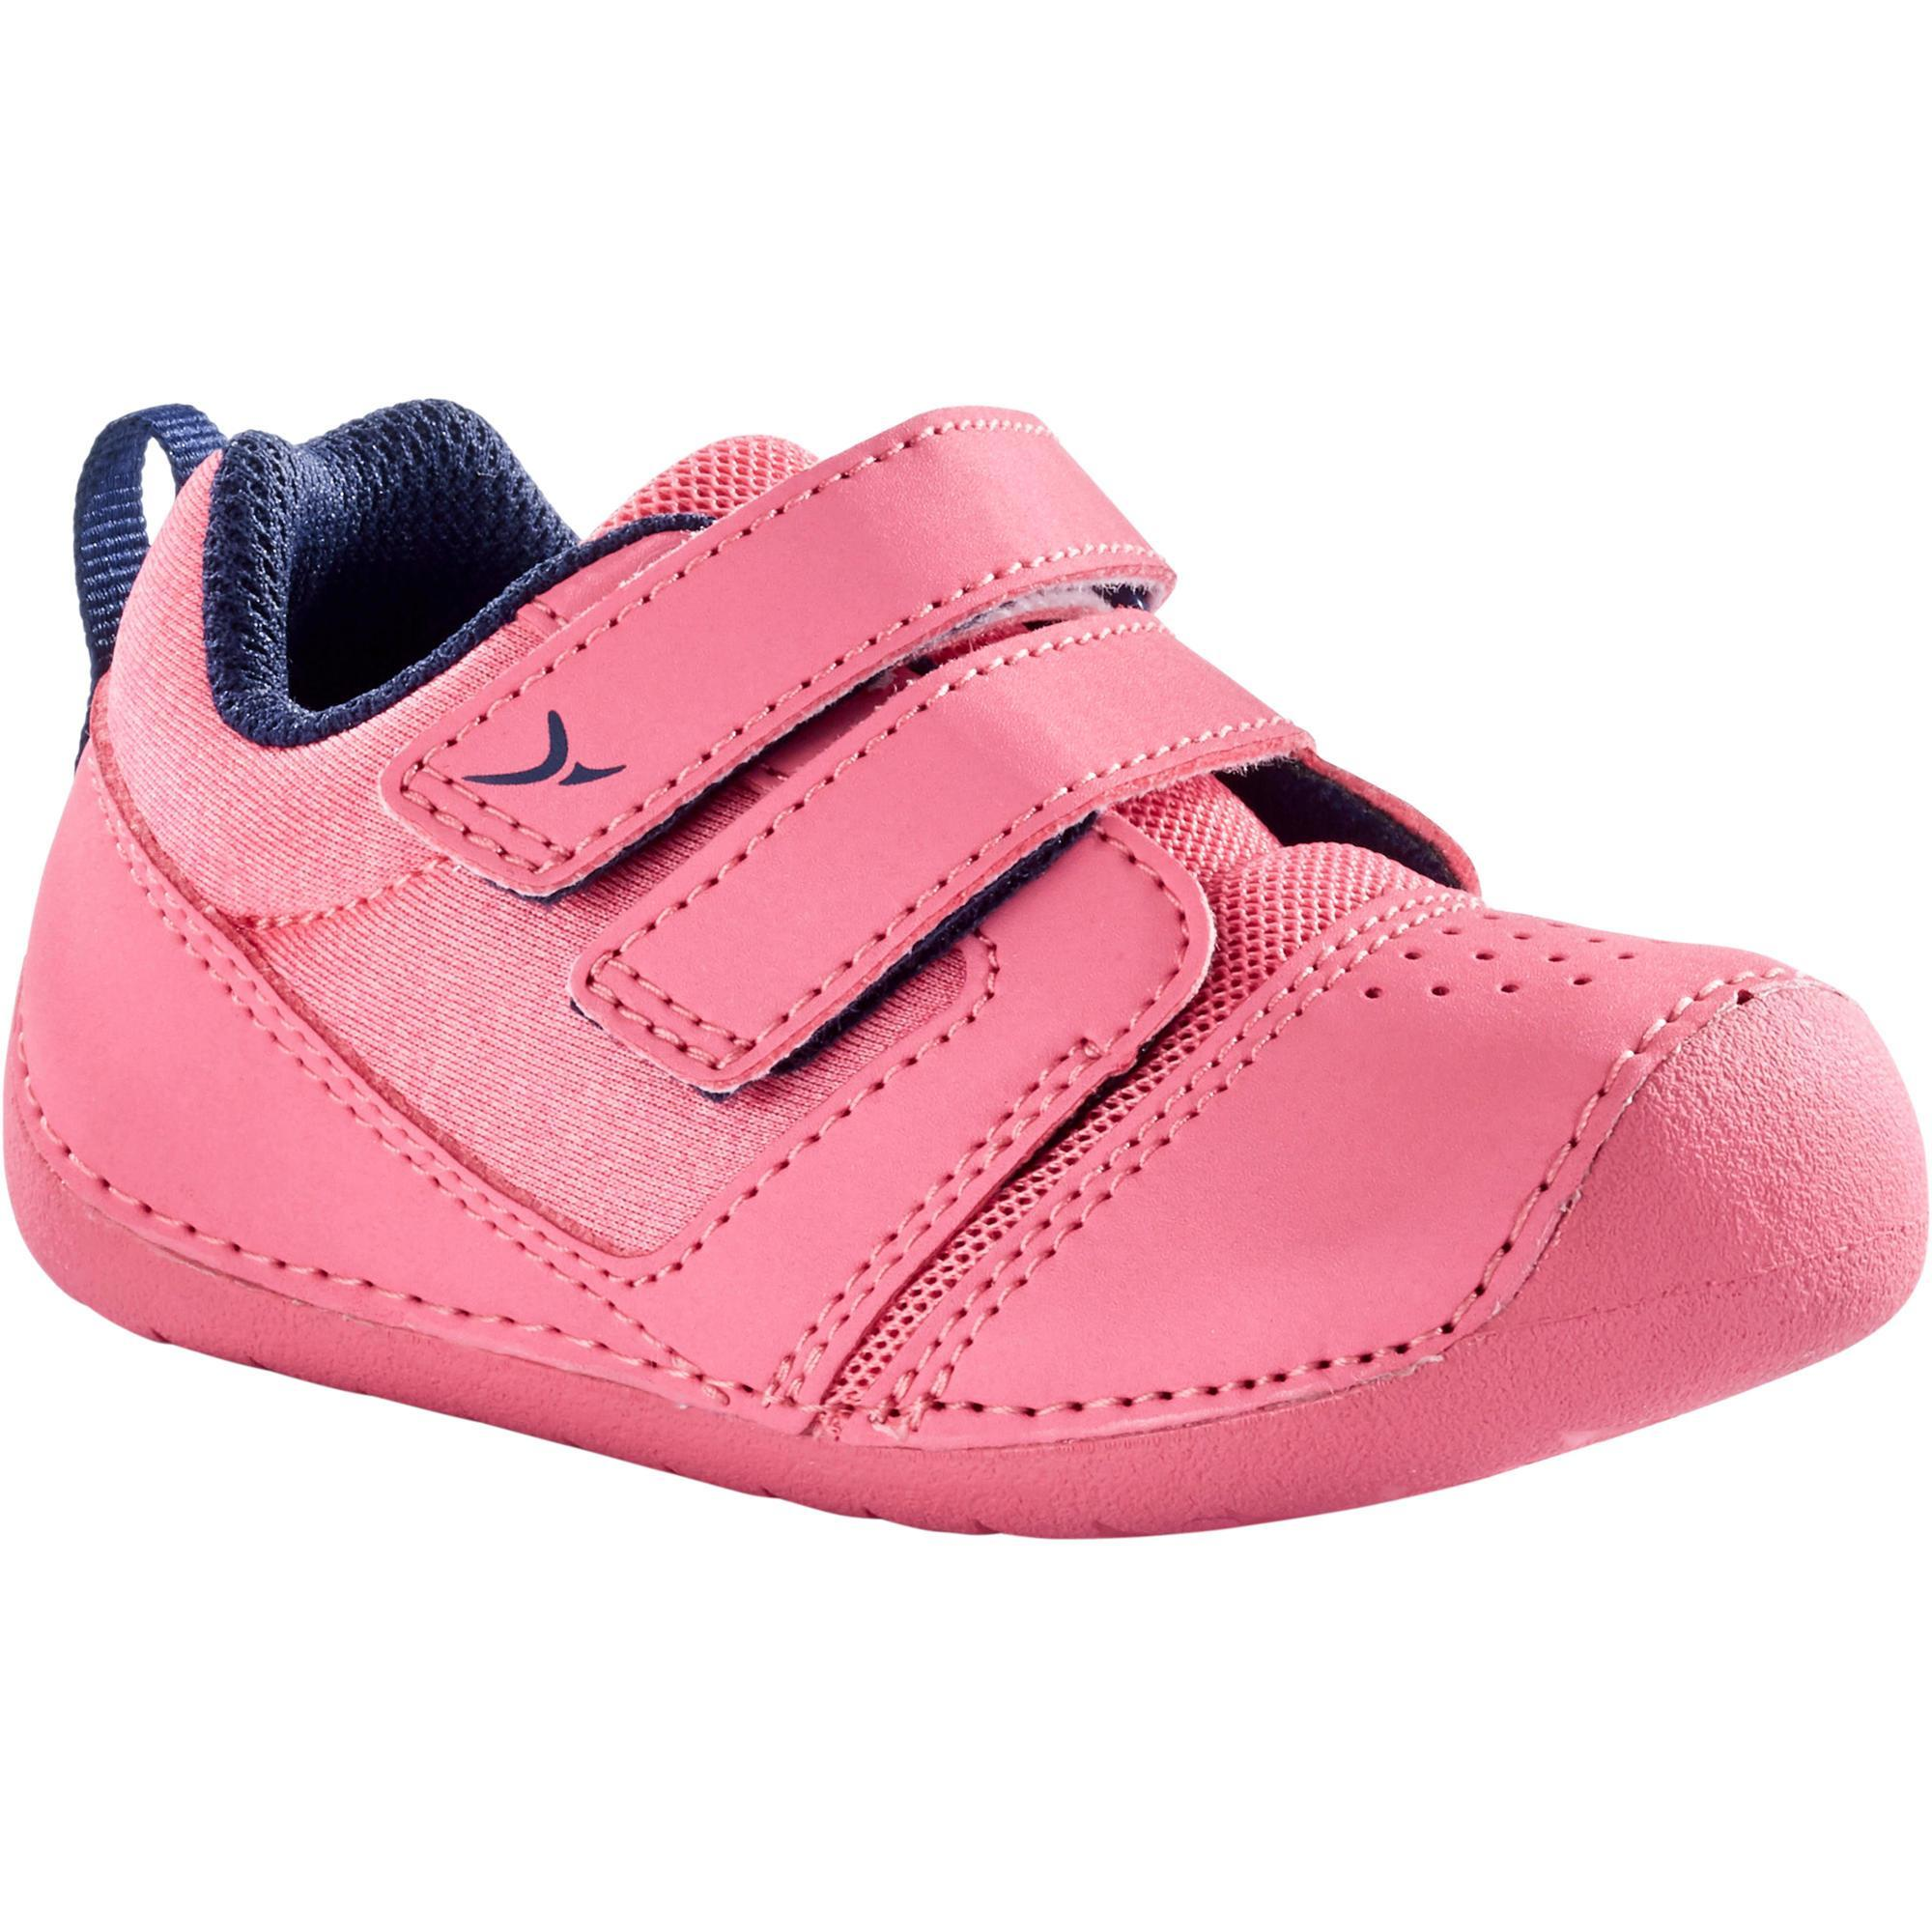 Kinderschoenen Met Lichtjes Maat 23.Kinder Sneakers Kopen Decathlon Nl